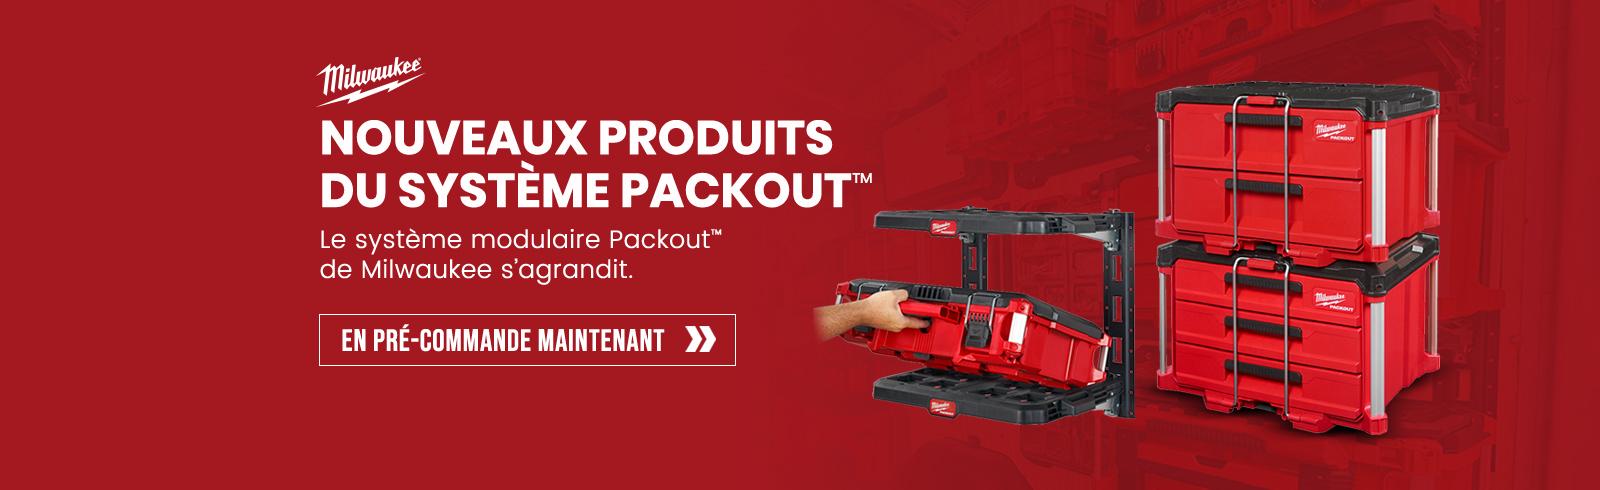 Nouveaux produits Packout™